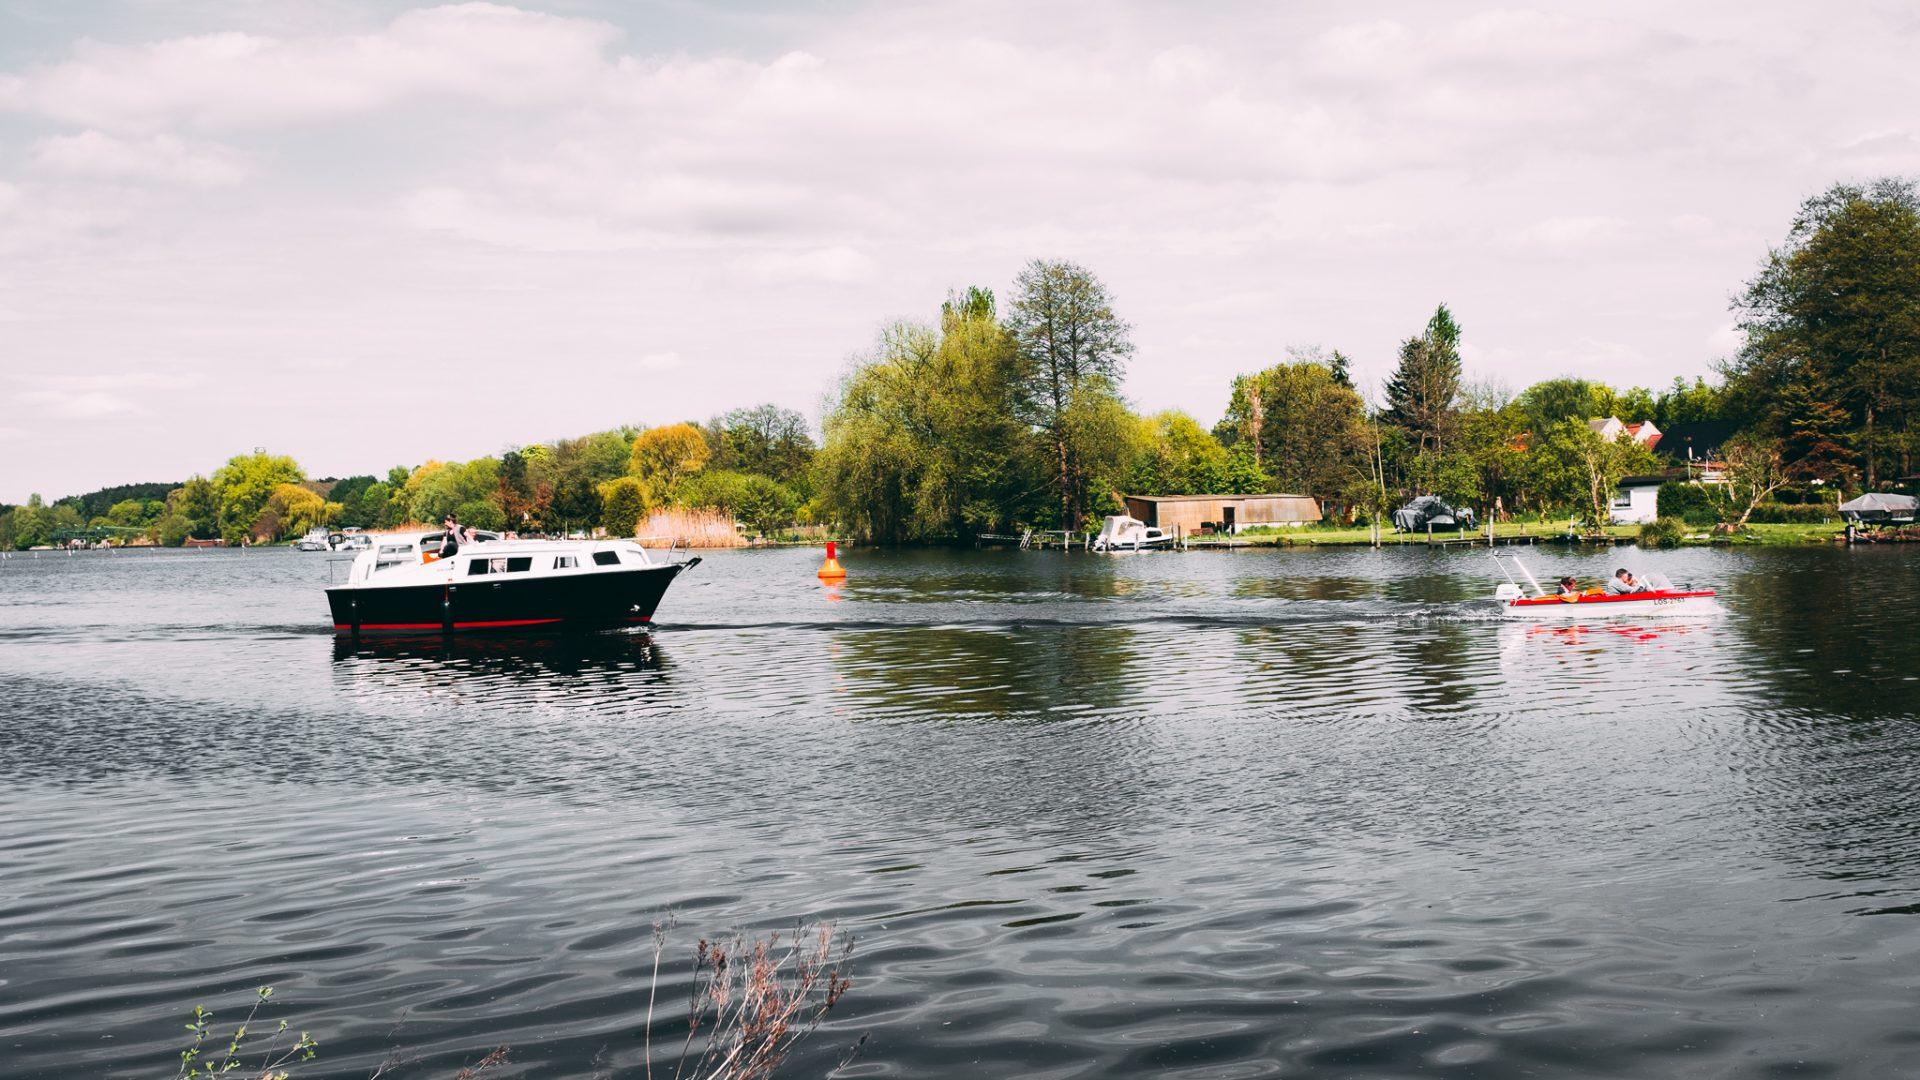 """Tag 278 - Brandenburg // """"Den Fluss des Lebens kann man nicht aufhalten, aber die Landschaft bewahren, die er geprägt hat."""" - Thomas Wolfgang Keßler"""